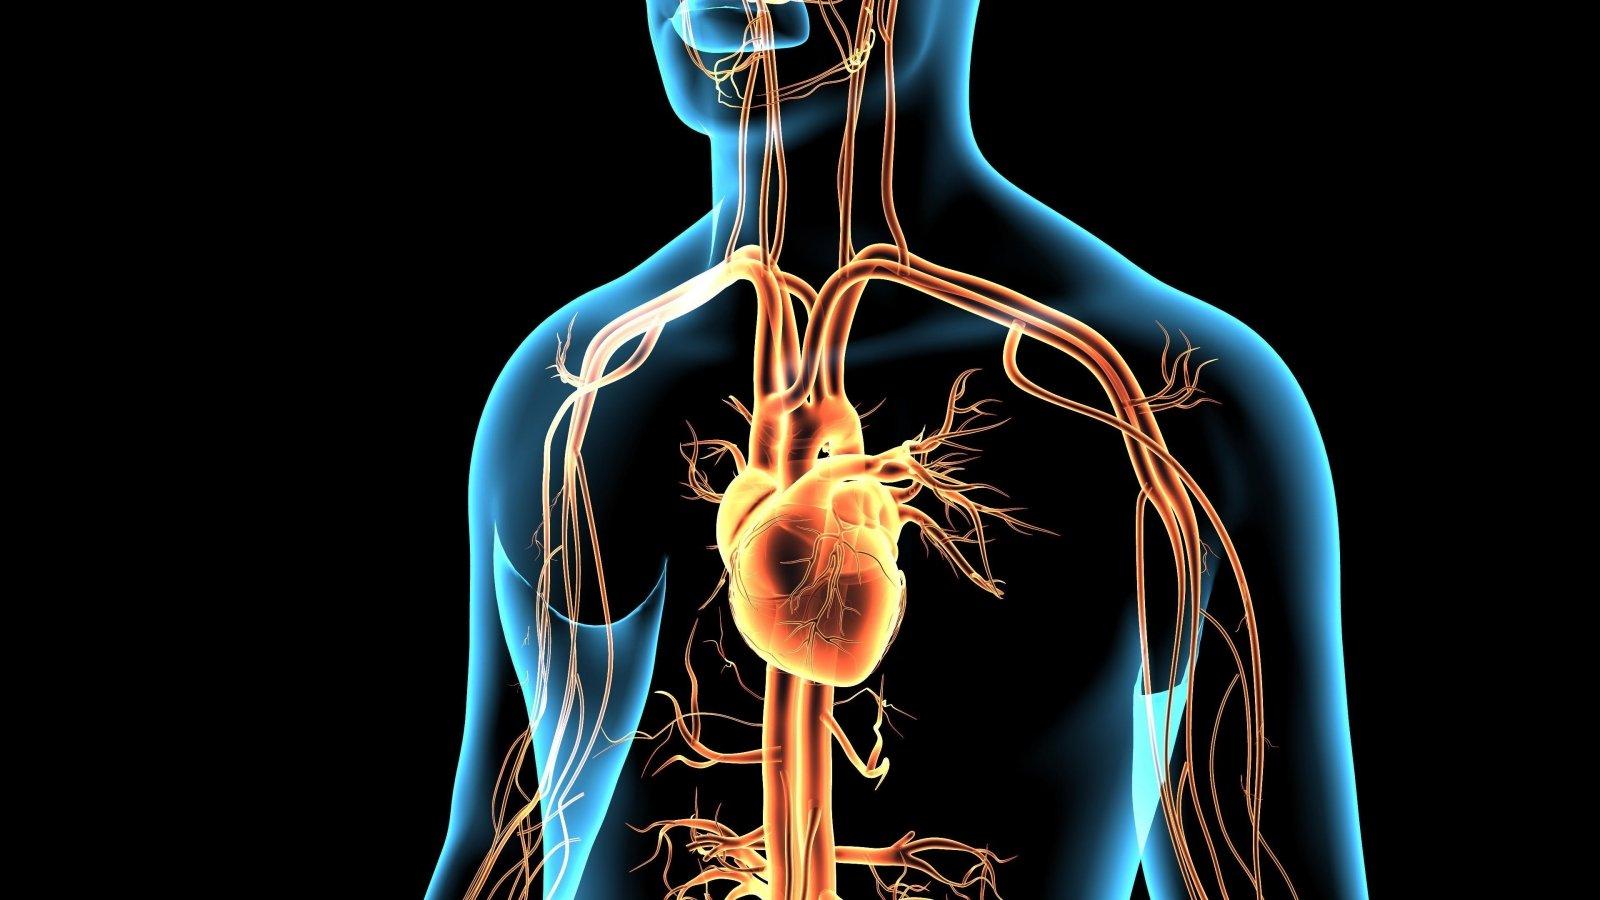 Lietuvos kardiologai pataria pacientams, kaip elgtis koronaviruso pandemijos metu